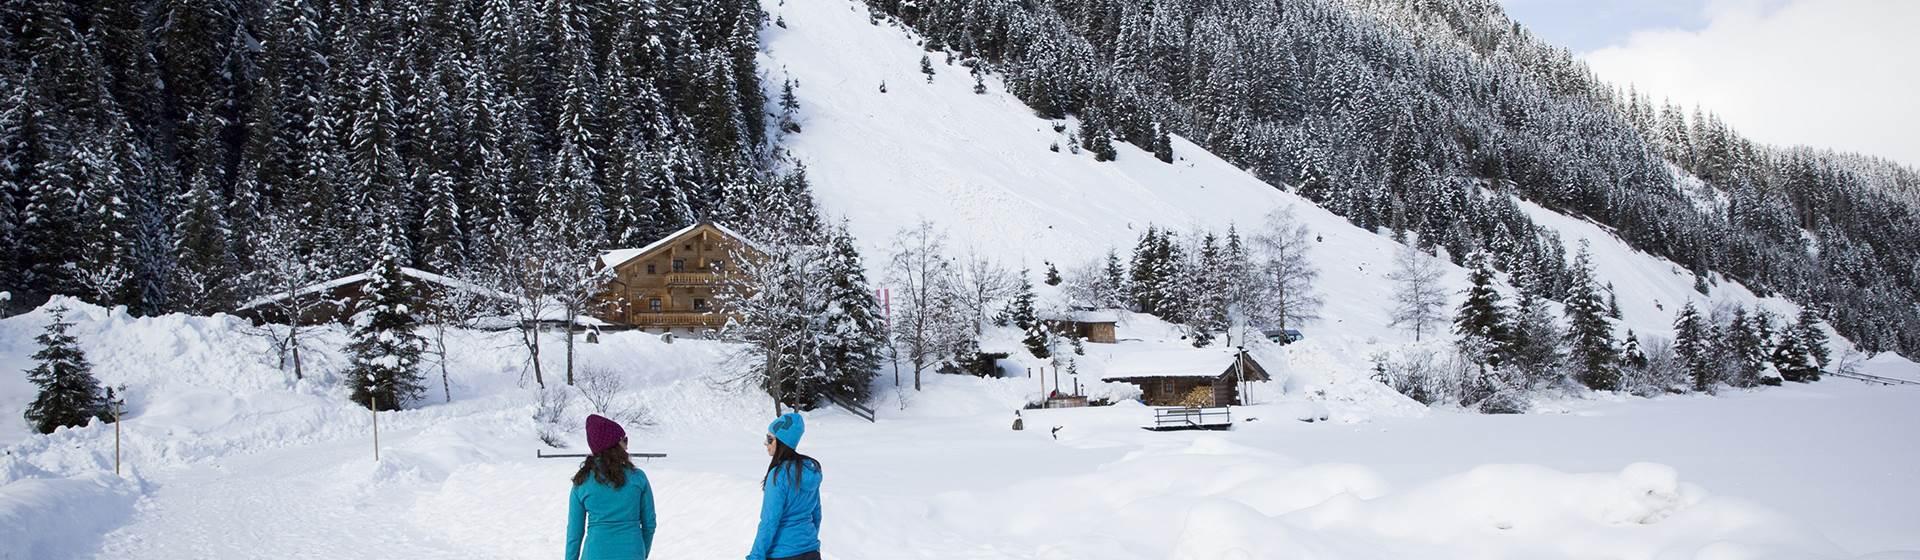 Beim-Winterwandern-die-Natur-geniessen